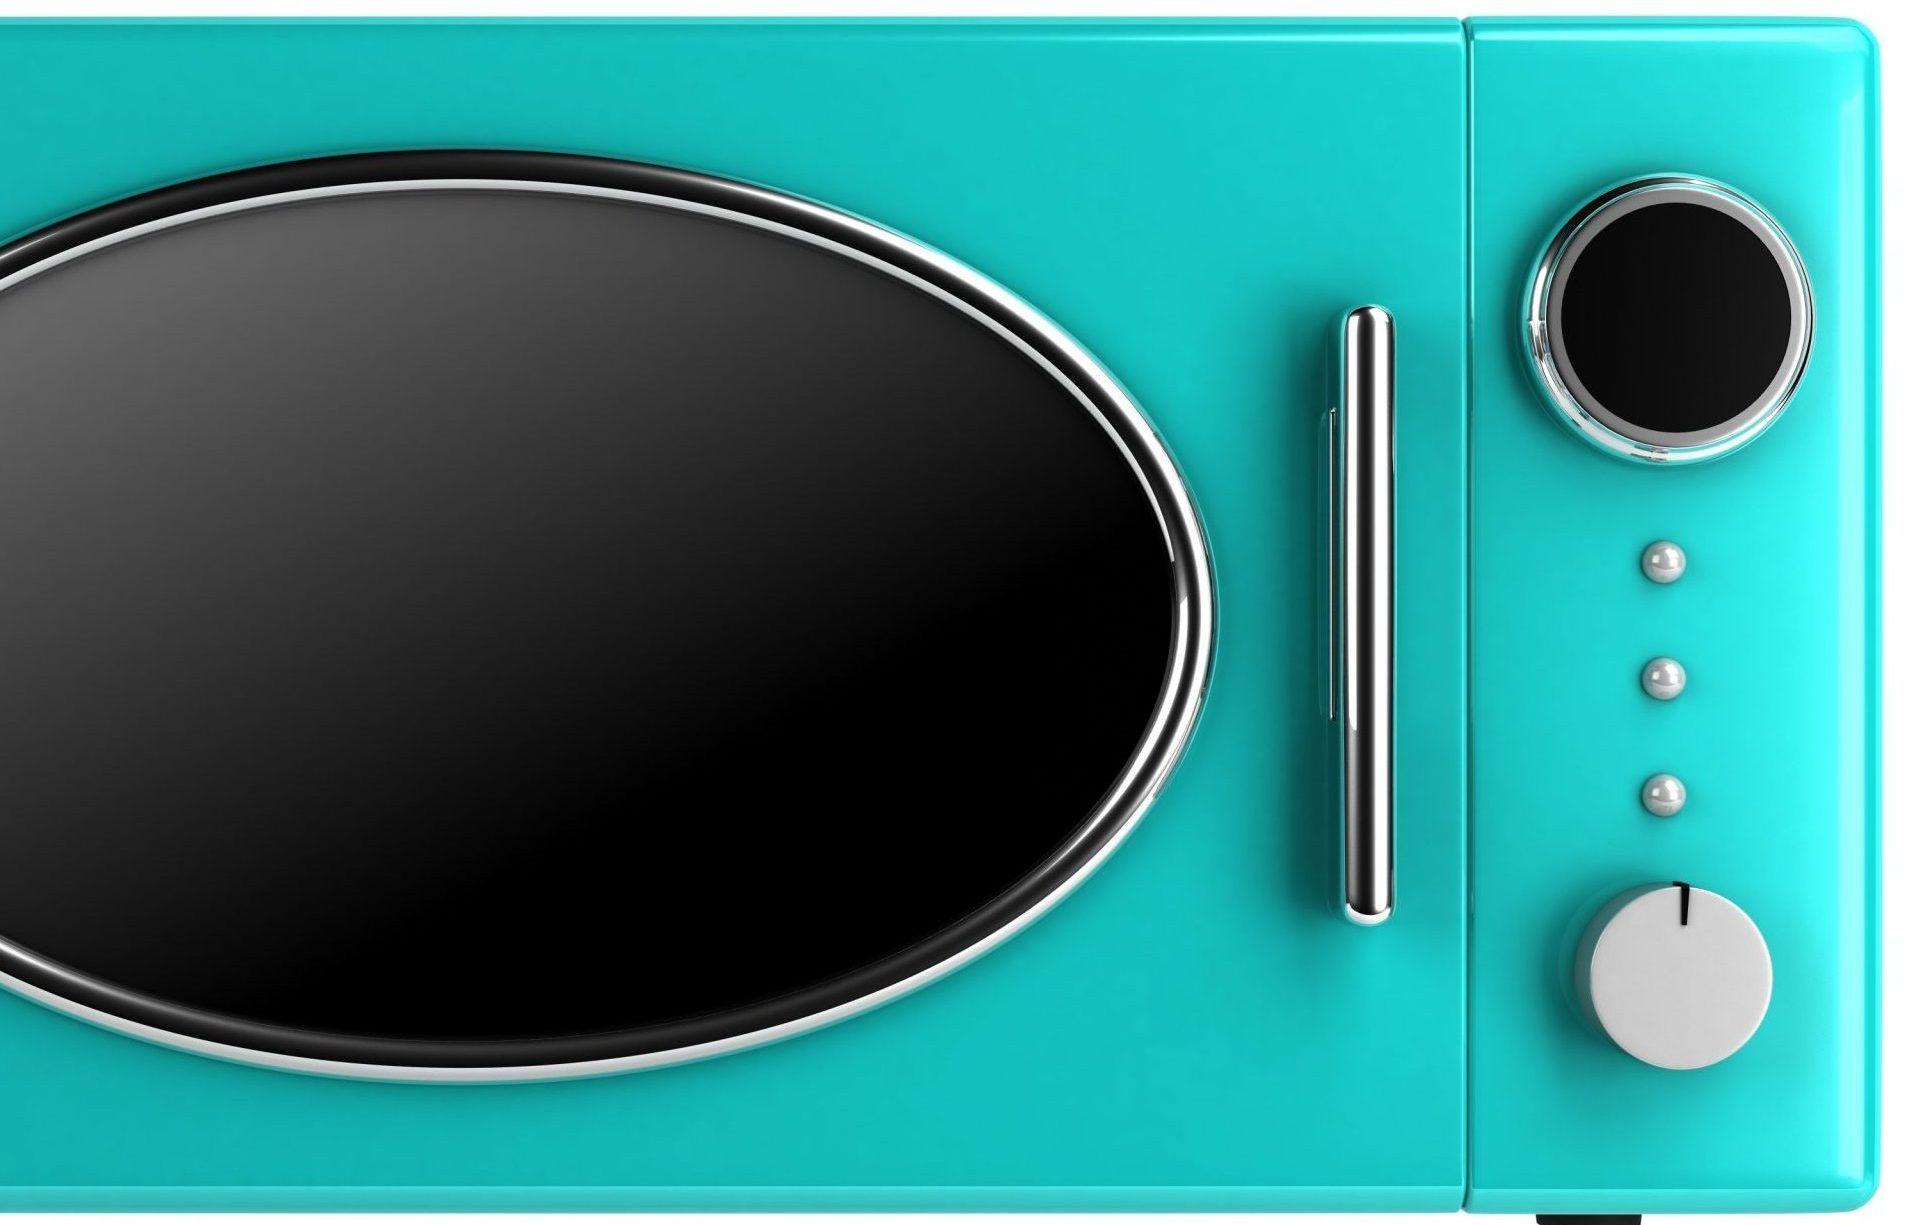 microondas verde